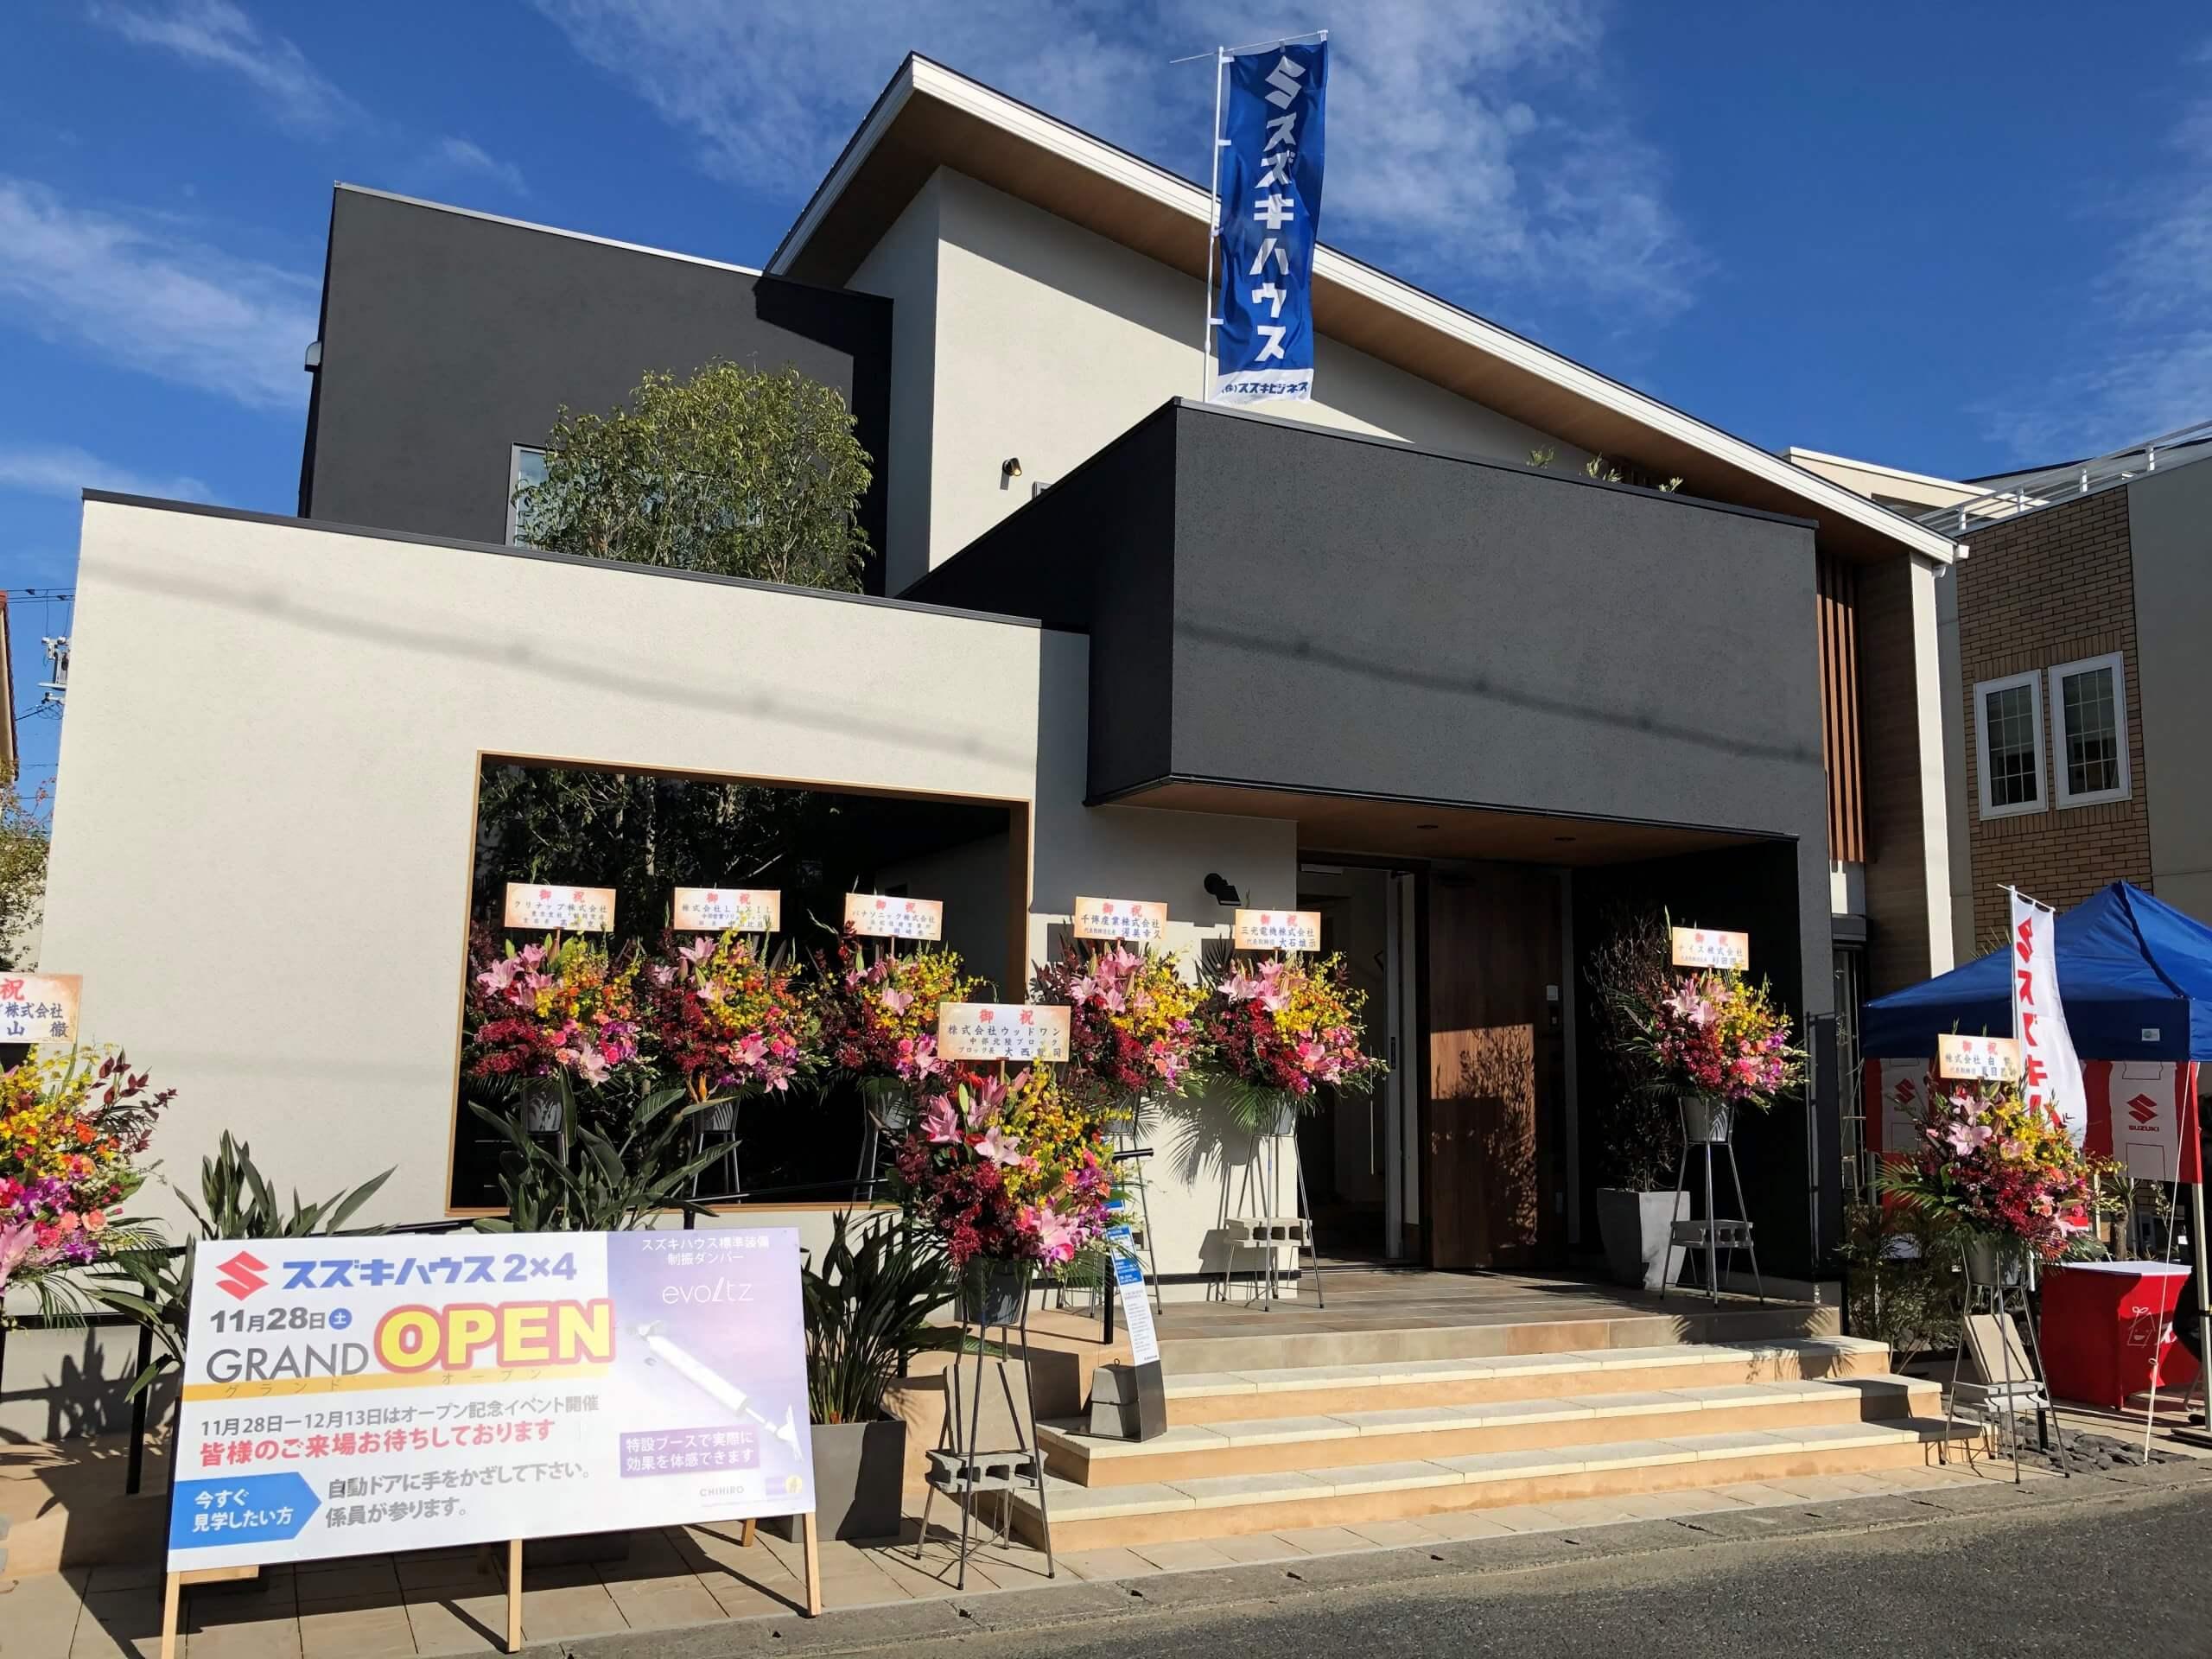 グランドオープン初日!